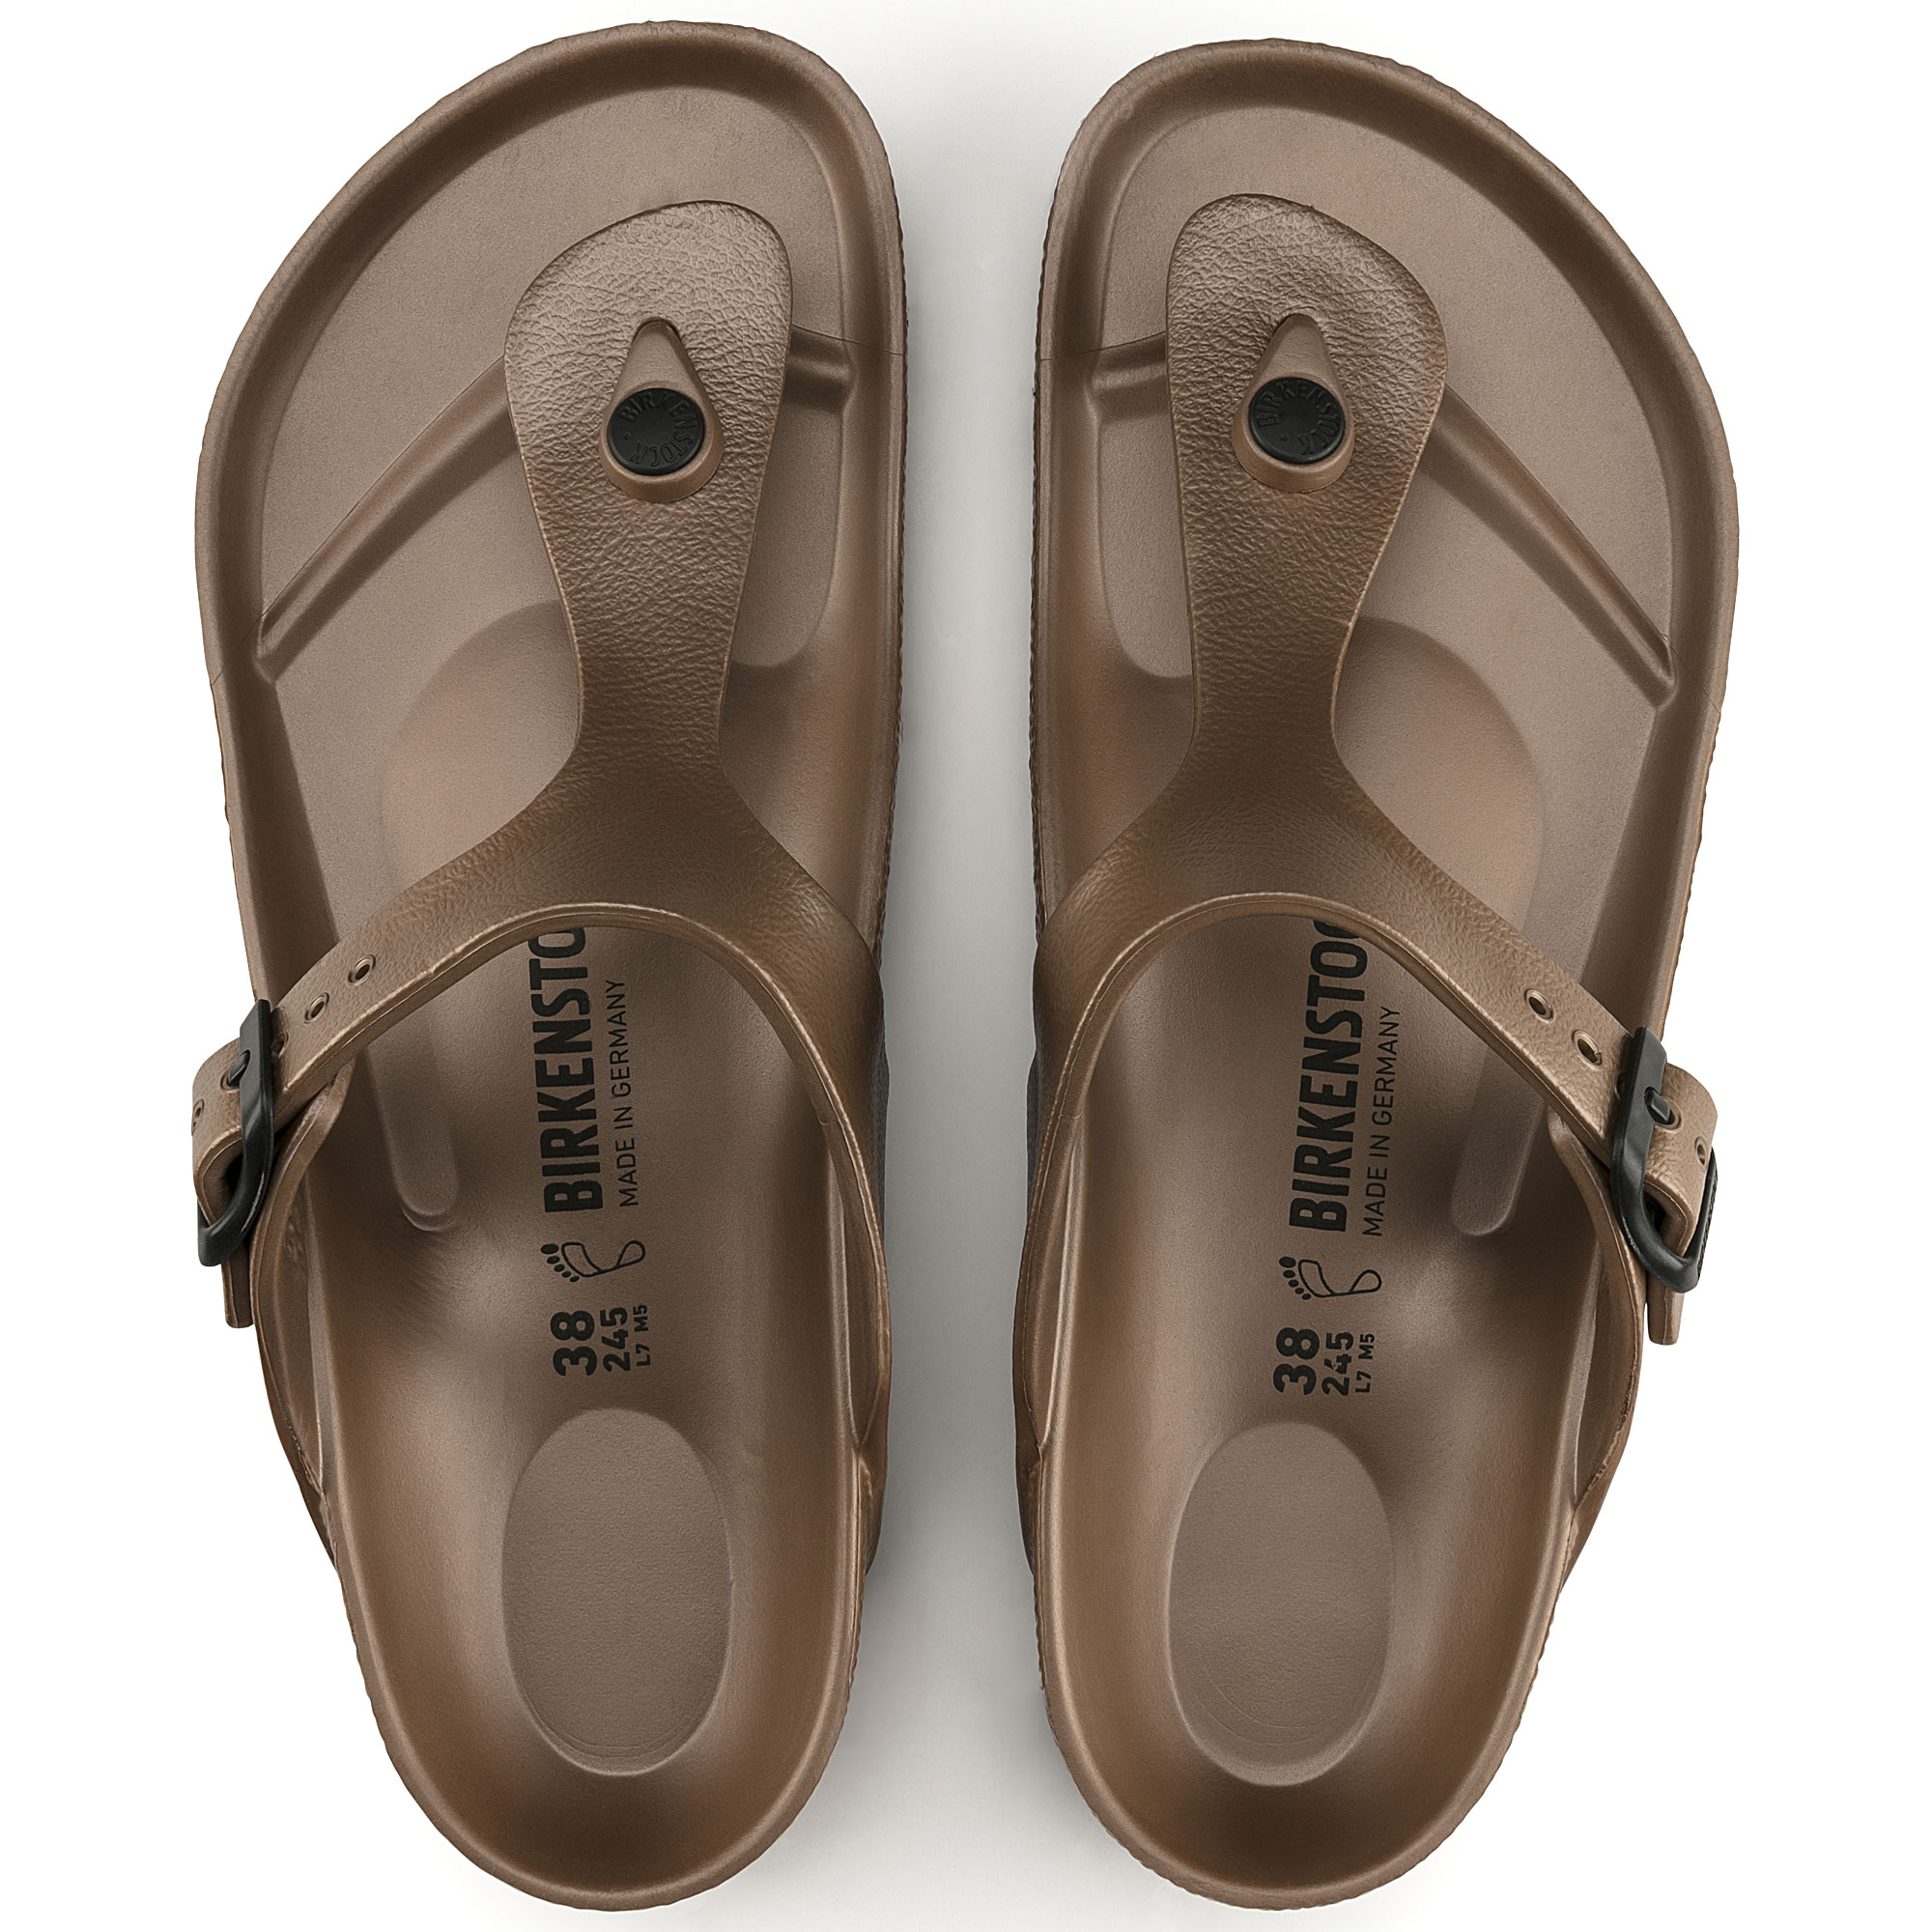 Birkenstock Gizeh EVA Women's Sandal in Metallic Silver